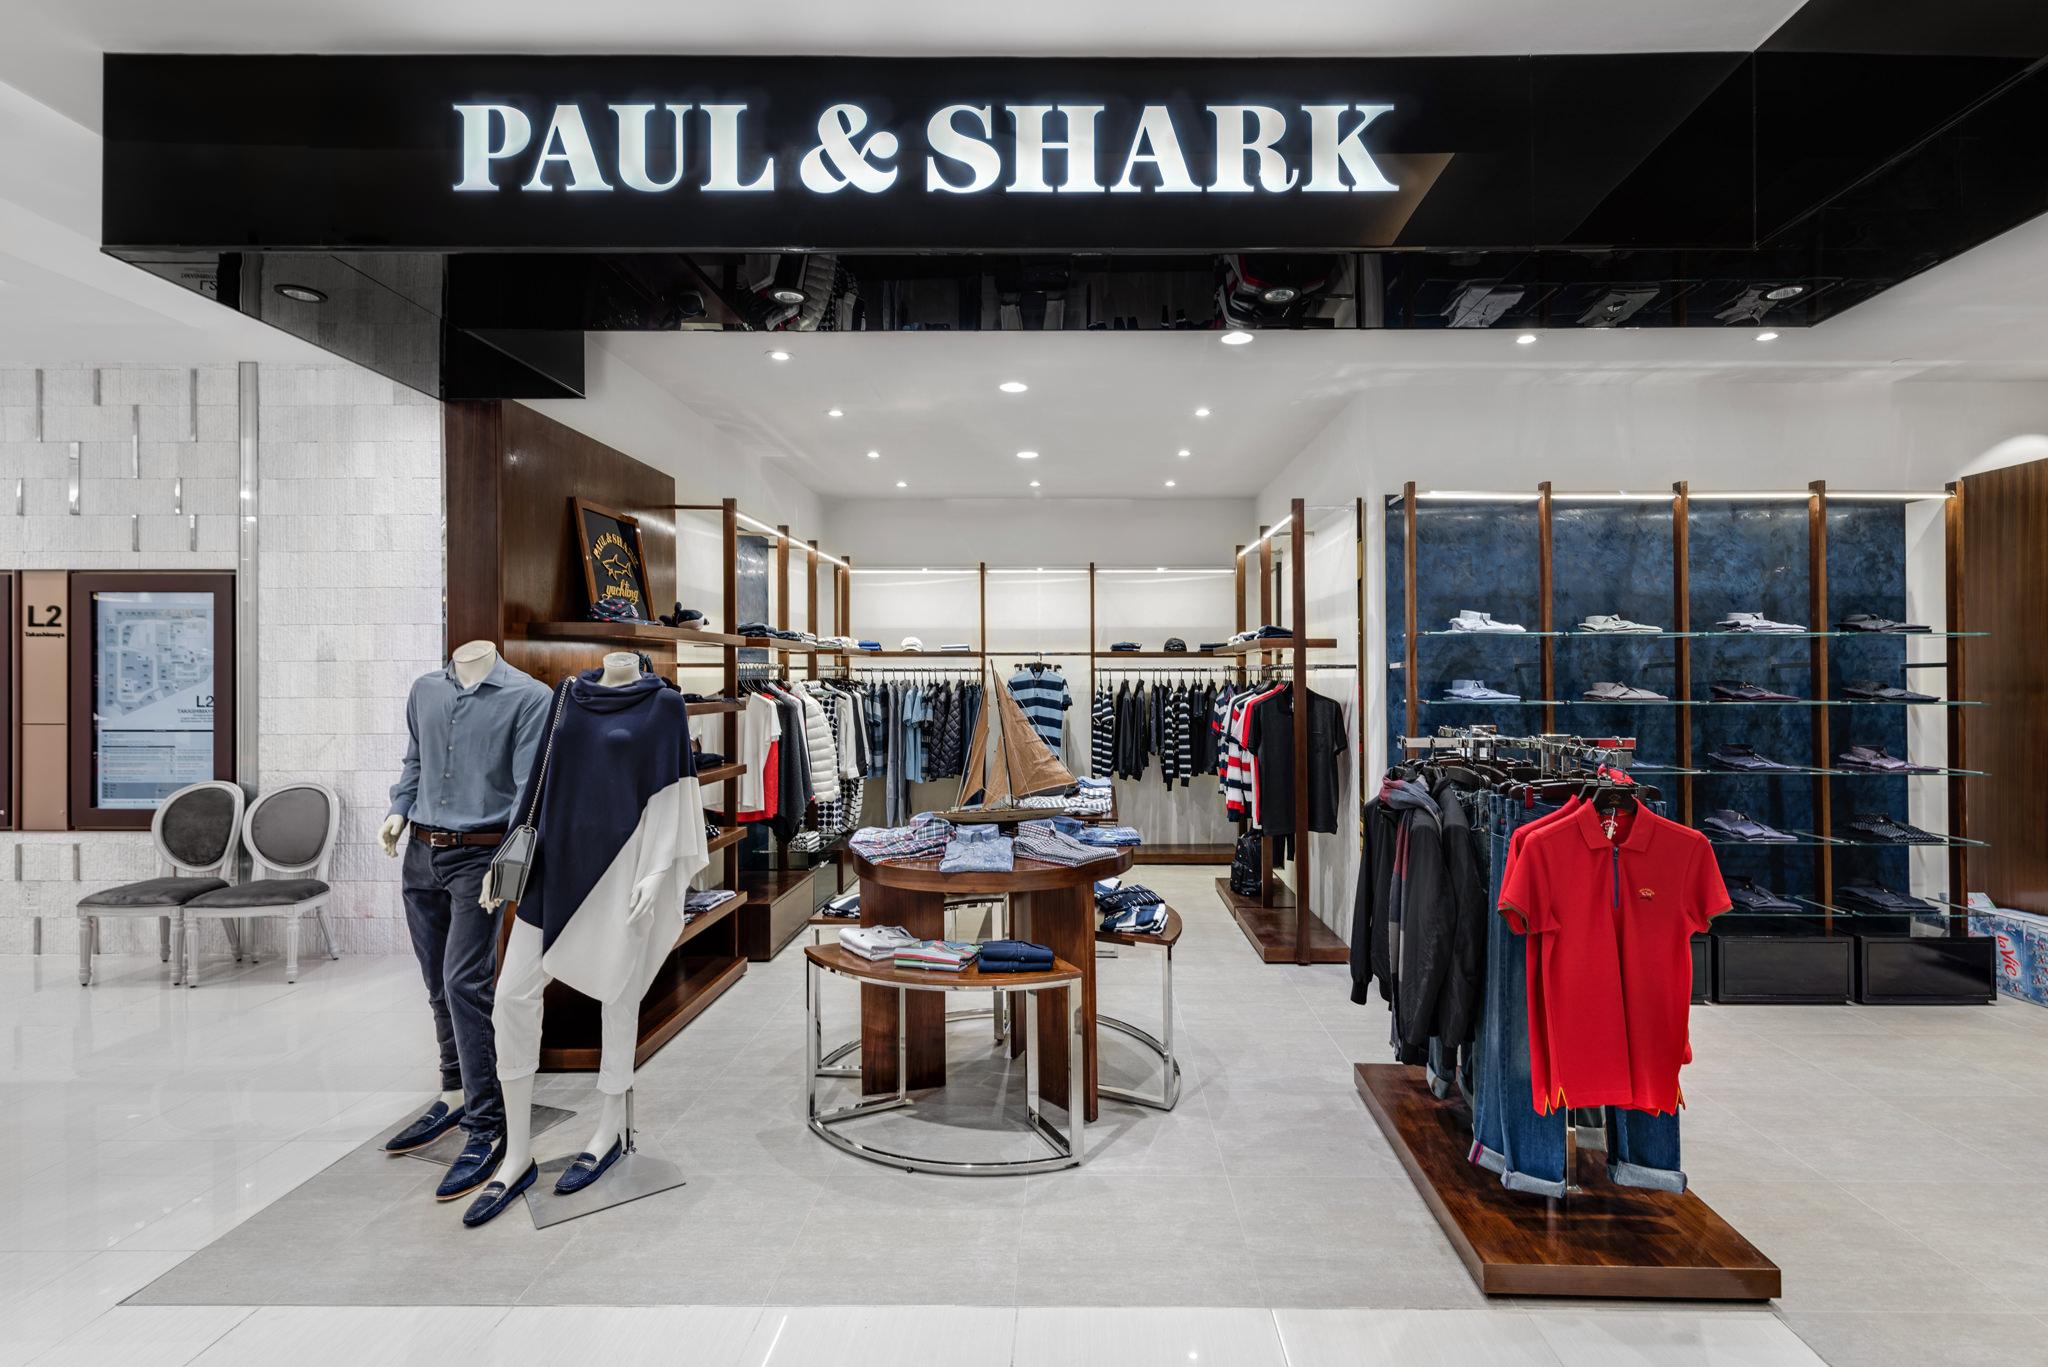 20160729 - Paul & Shark - HCM - Commercial - Interior - Store - Retouch 0003.jpg